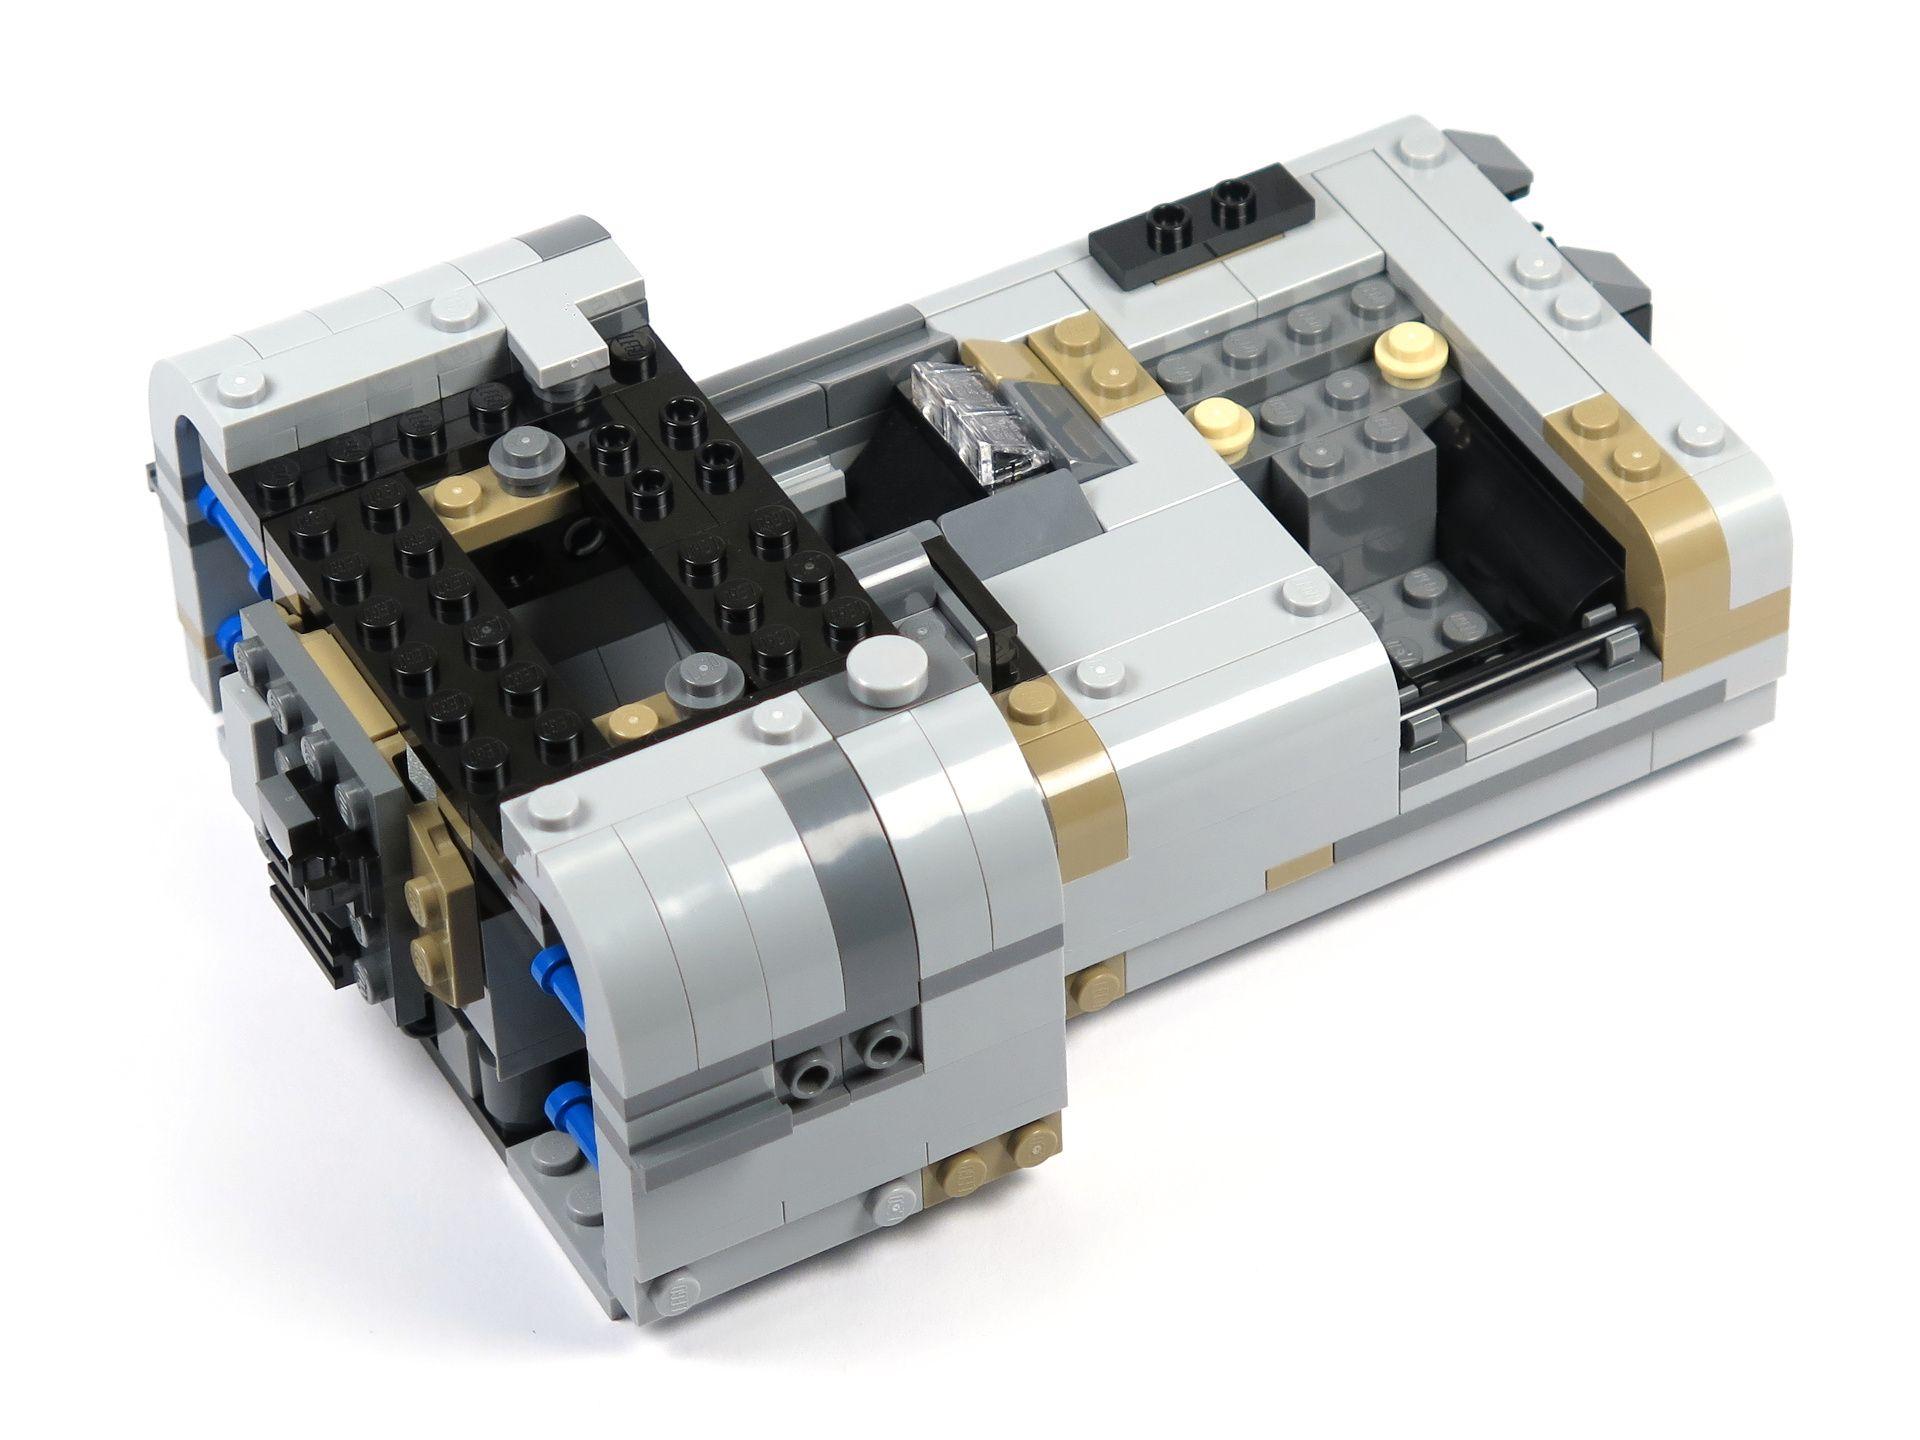 LEGO® Star Wars™ Moloch's Landspeeder™ (75210) - Bauabschnitt 3 - rechte Seite | ©2018 Brickzeit